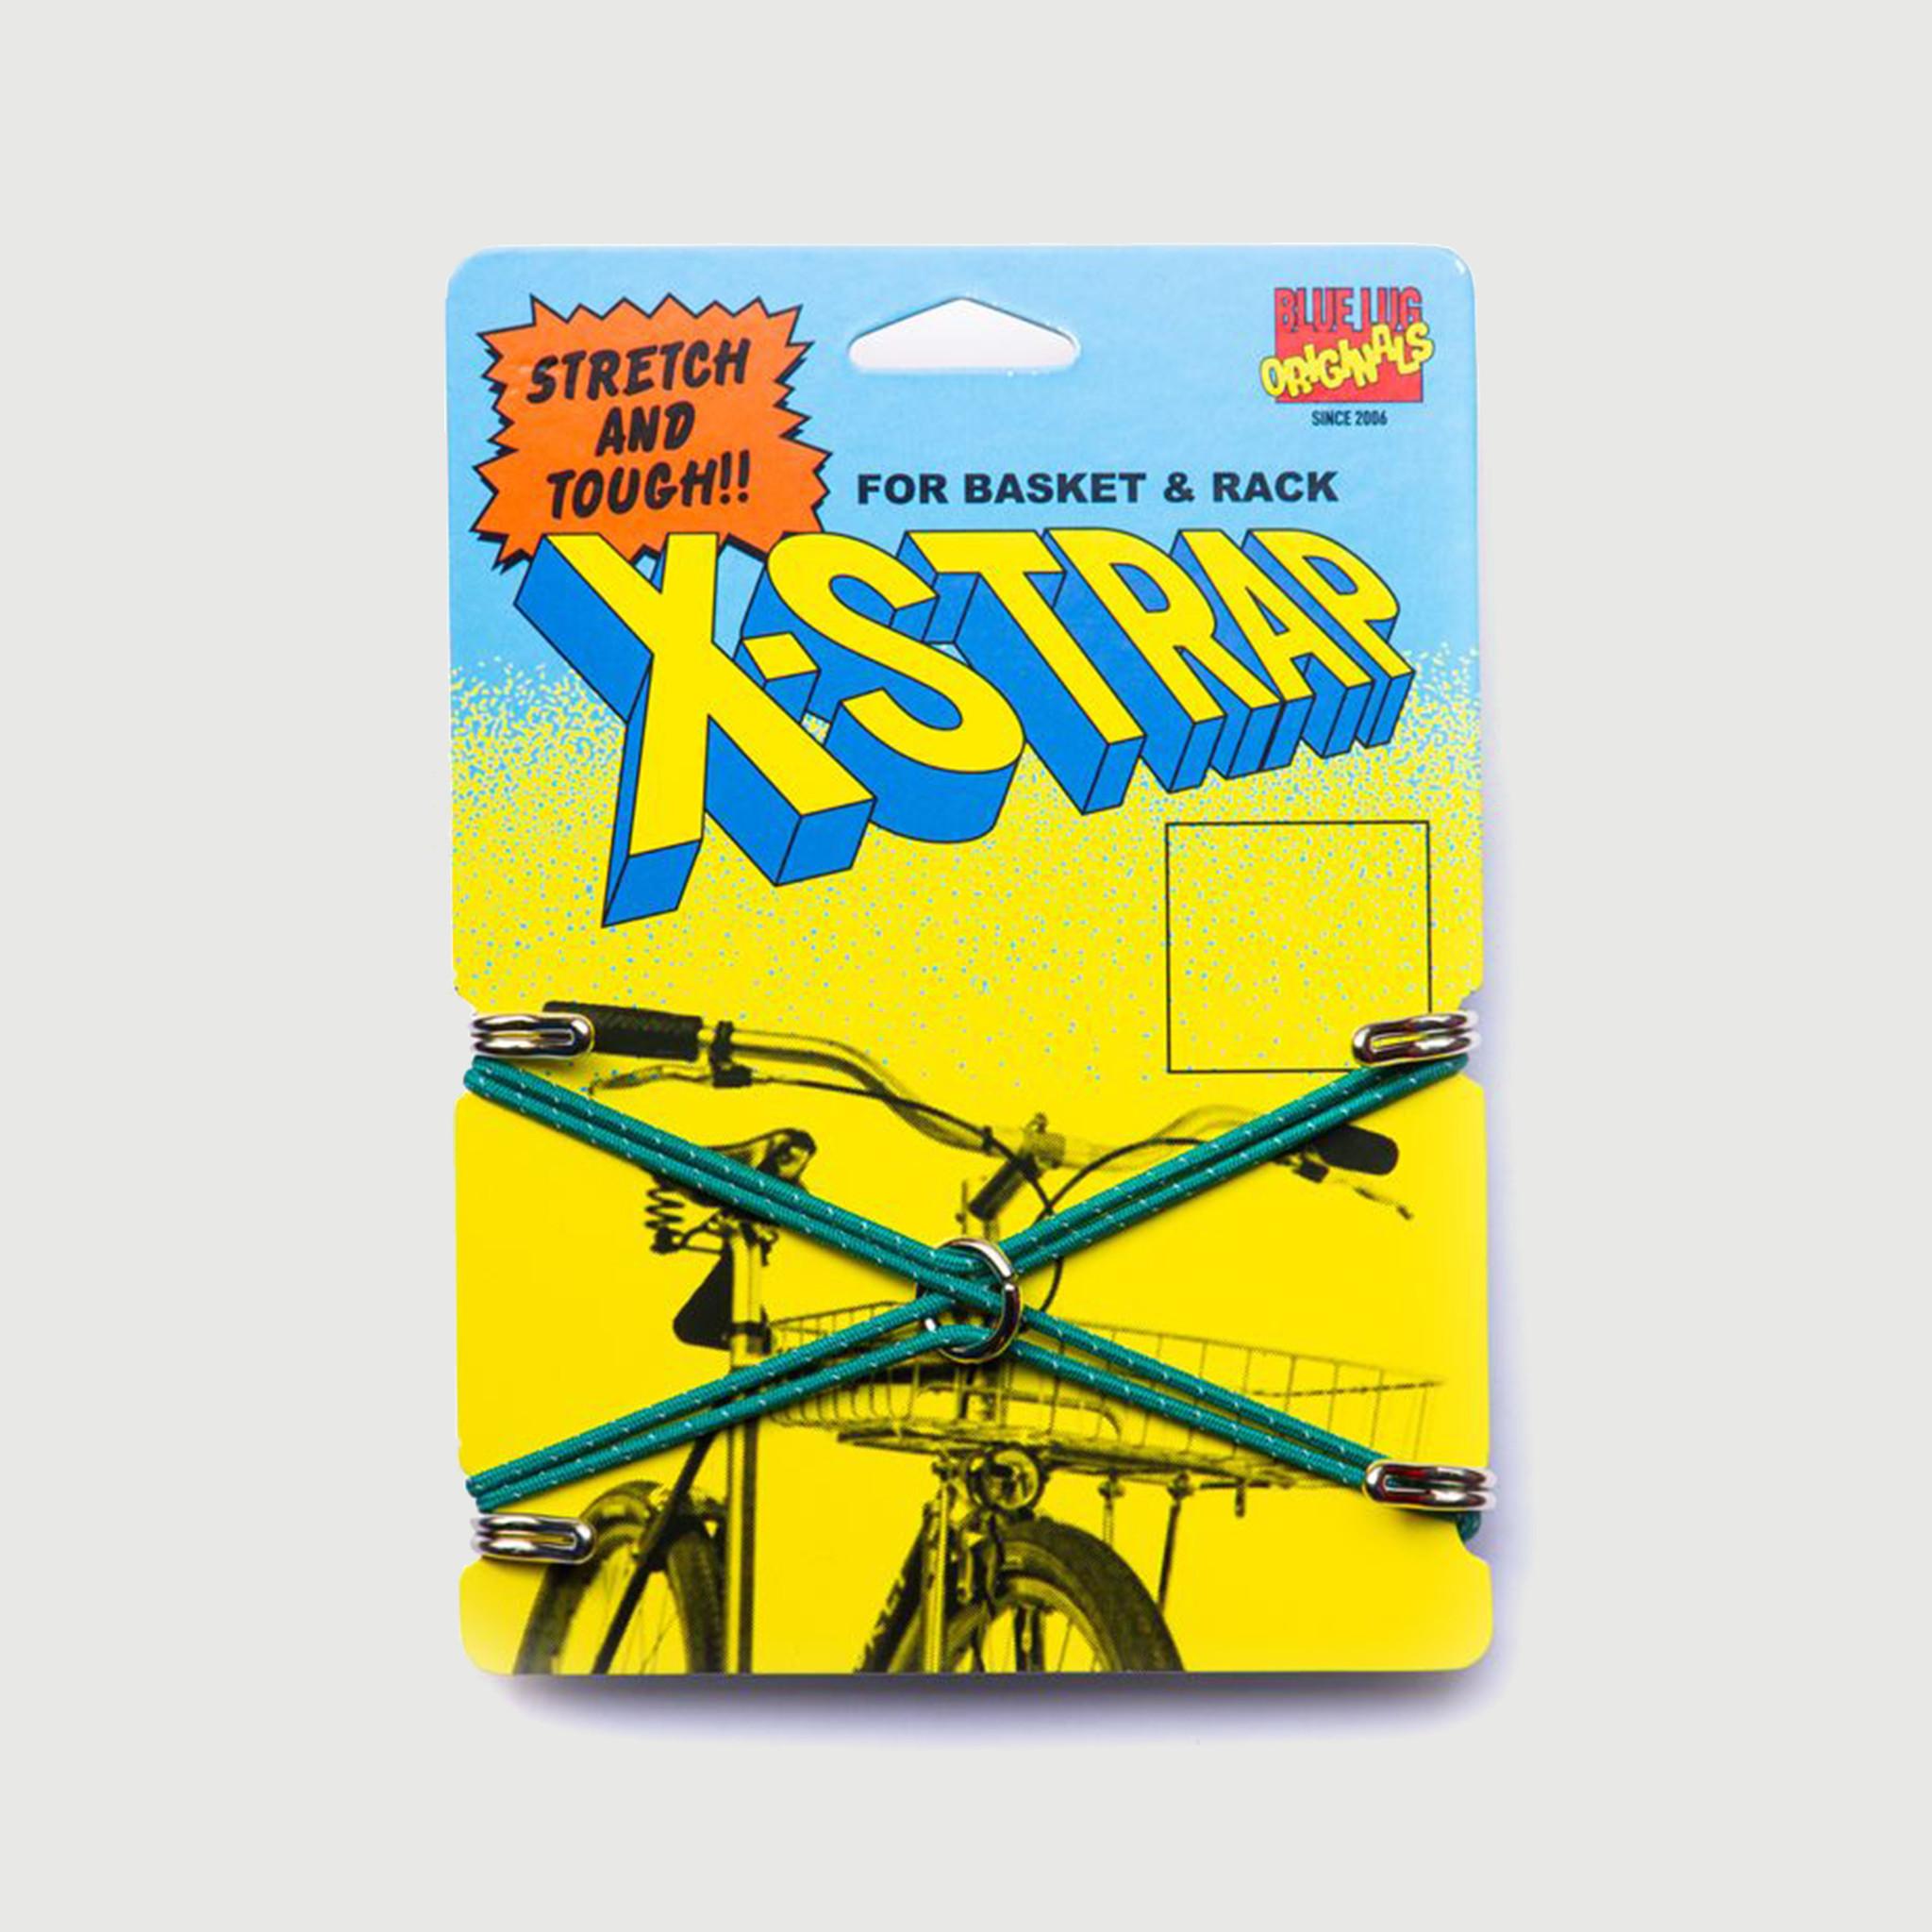 Blue Lug - X-Strap